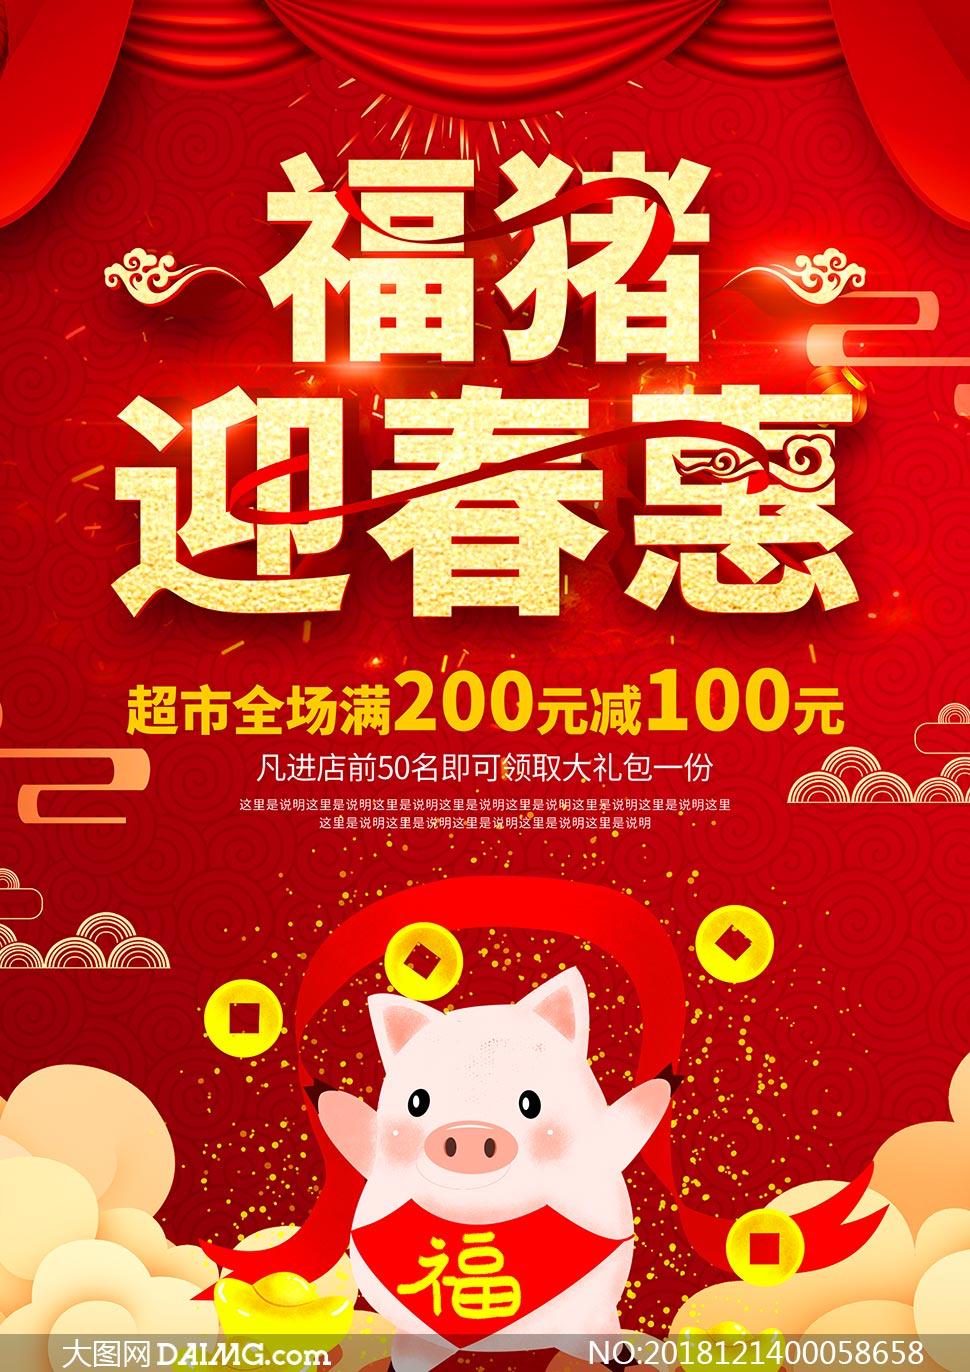 超市福猪迎春宣传海报psd源文件